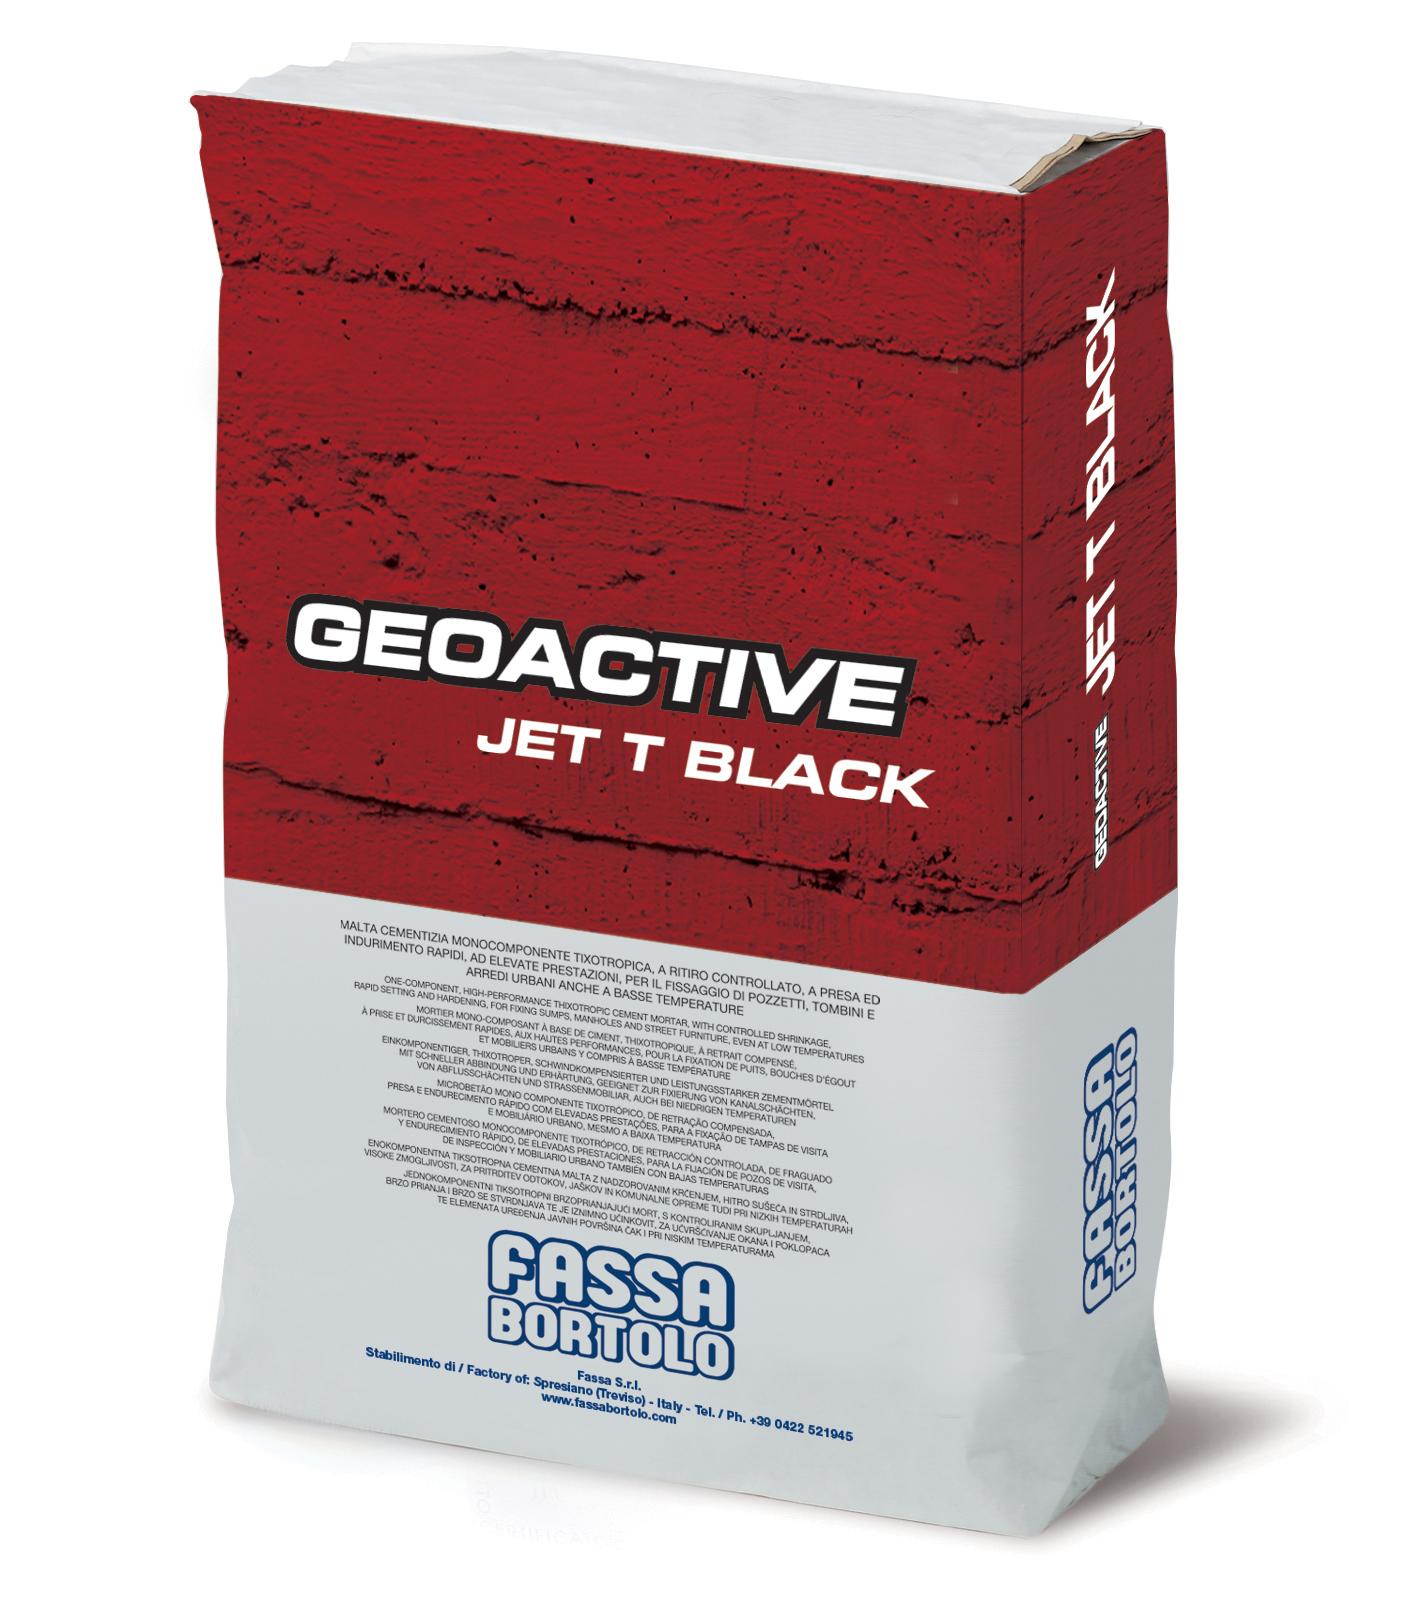 GEAOCTIVE JET T BLACK: Argamassa cimentícia monocomponente rápida, de cor preta, tixotrópica, fibro-reforçada, de elevado desempenho, para a fixação de tampas de visita e mobiliário urbano, mesmo a baixas temperaturas